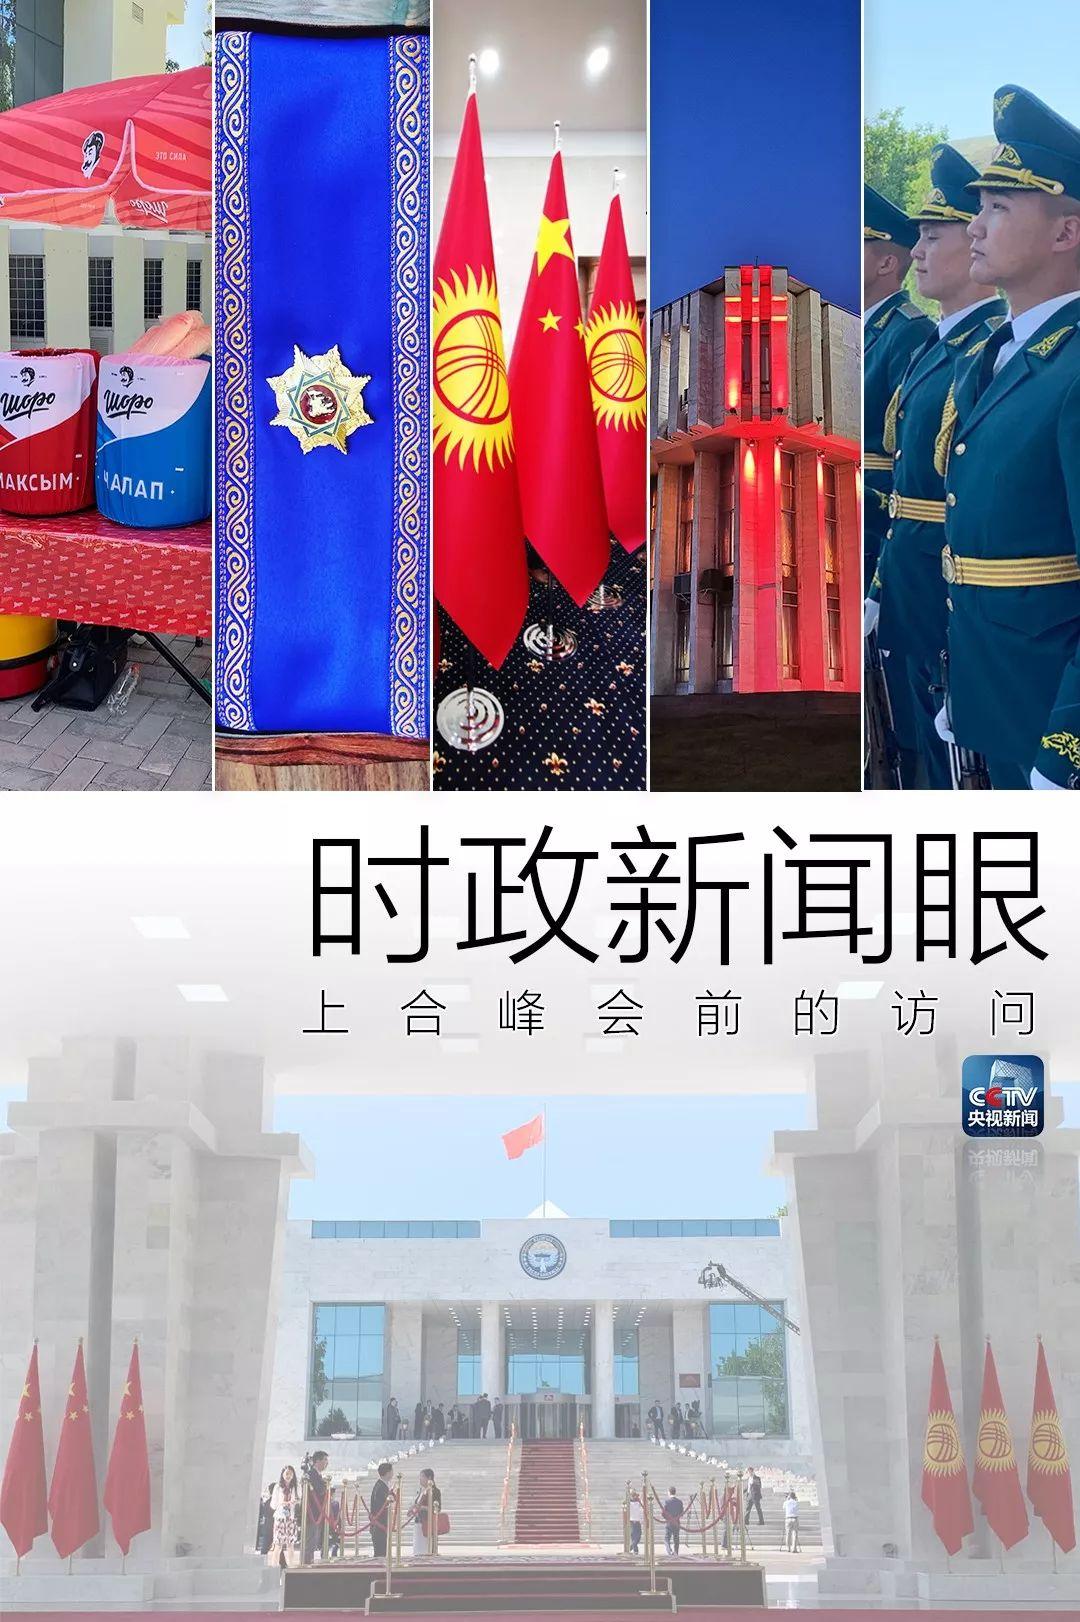 http://www.hljold.org.cn/guonaredian/114393.html